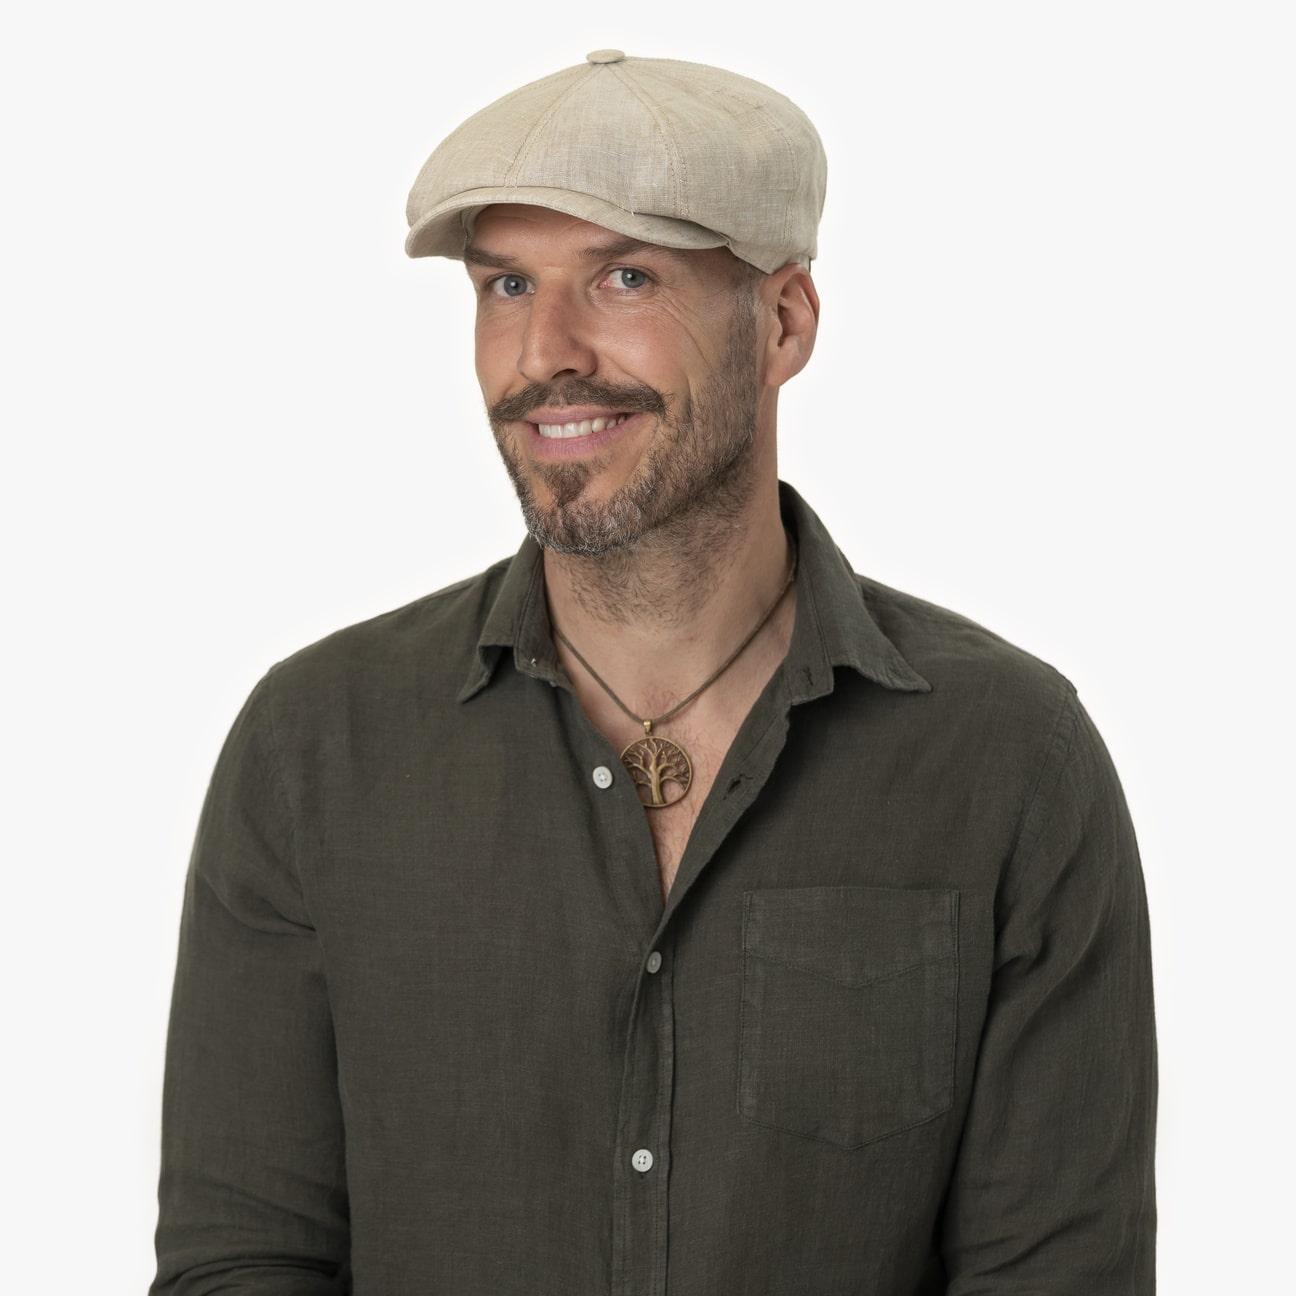 ... Hatteras Linen Newsboy Cap by Stetson 1 ... 6937adec80b